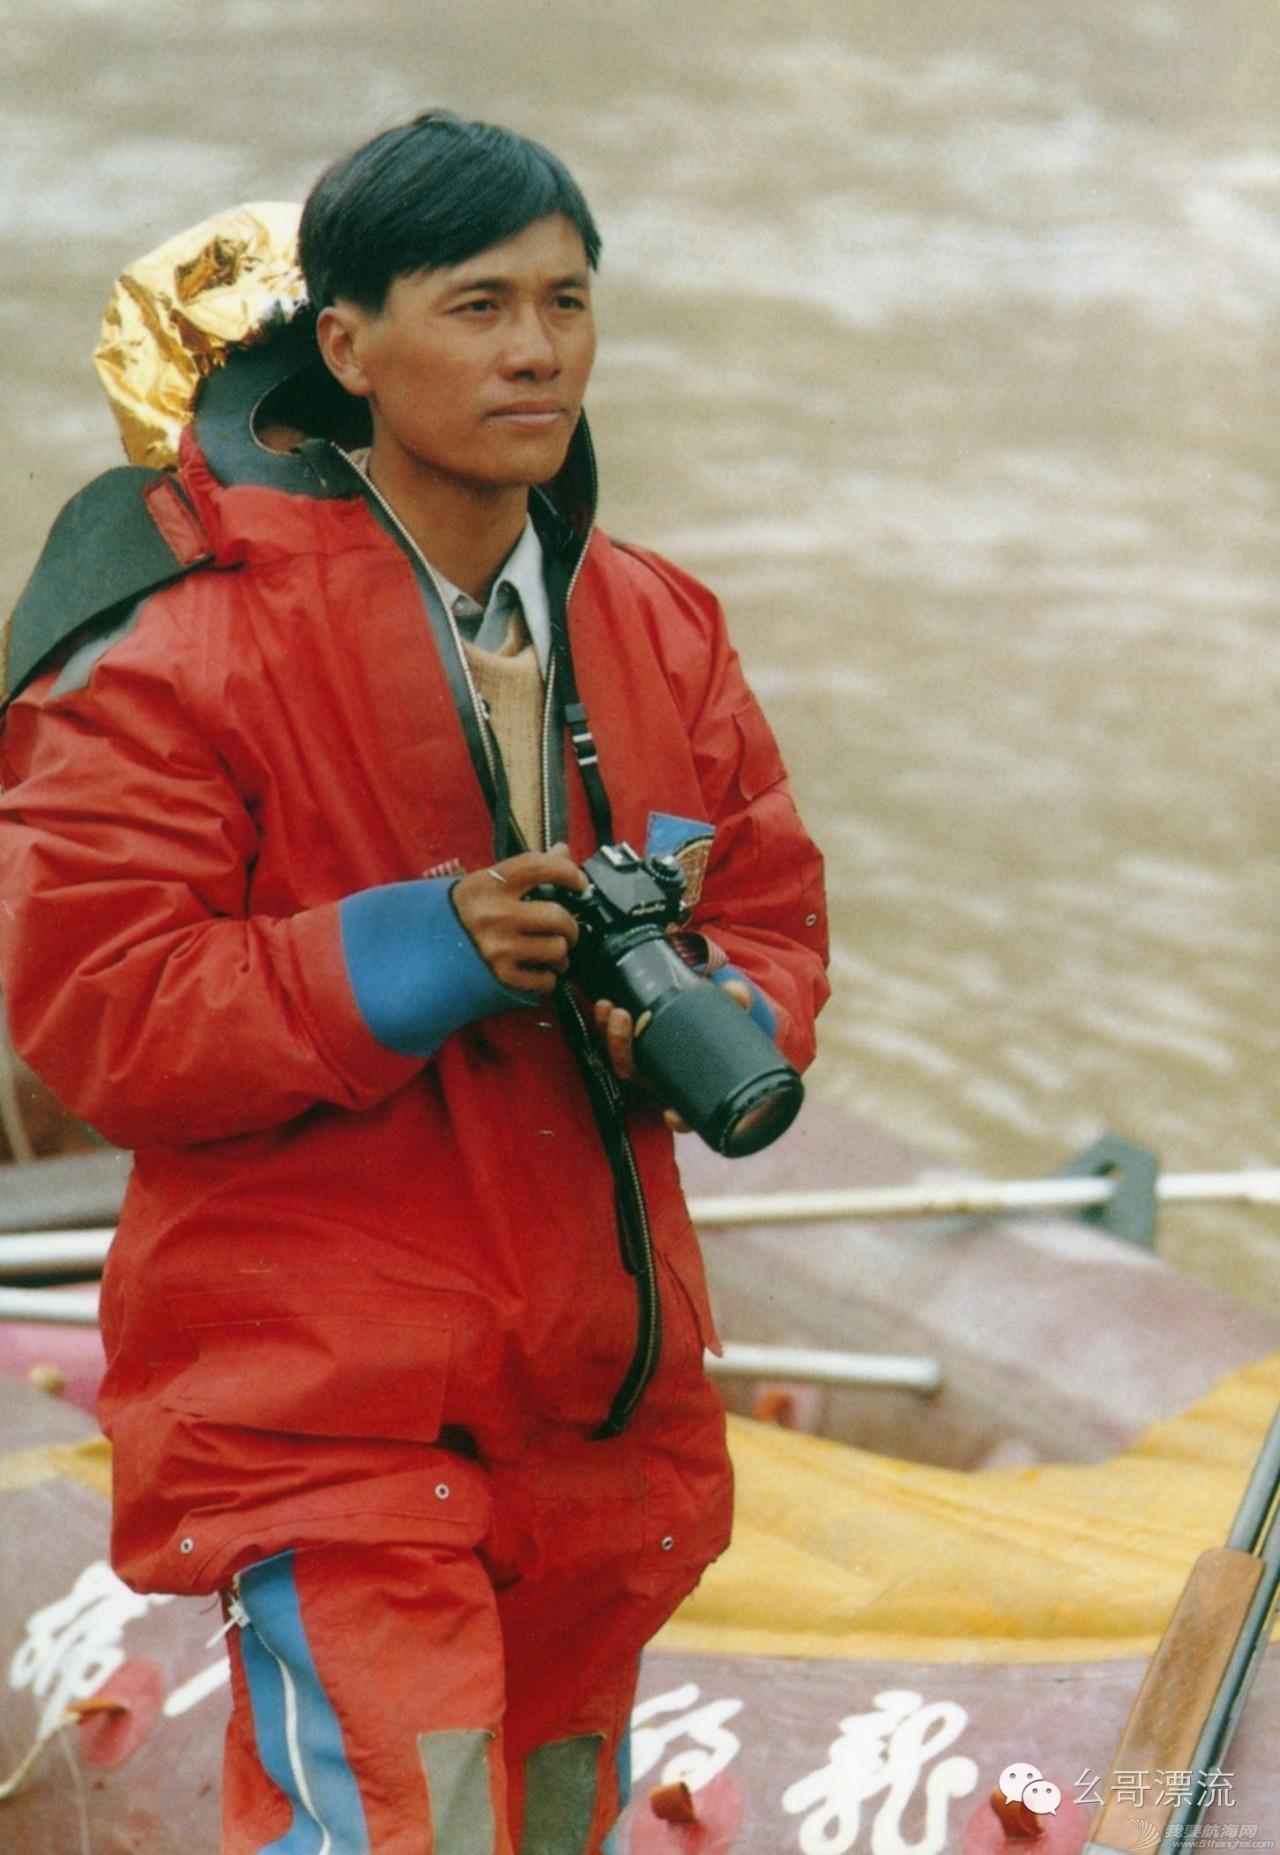 1986年长江漂流发起及经过 5f001991cb0d00faa67a36f0df114b9d.jpg